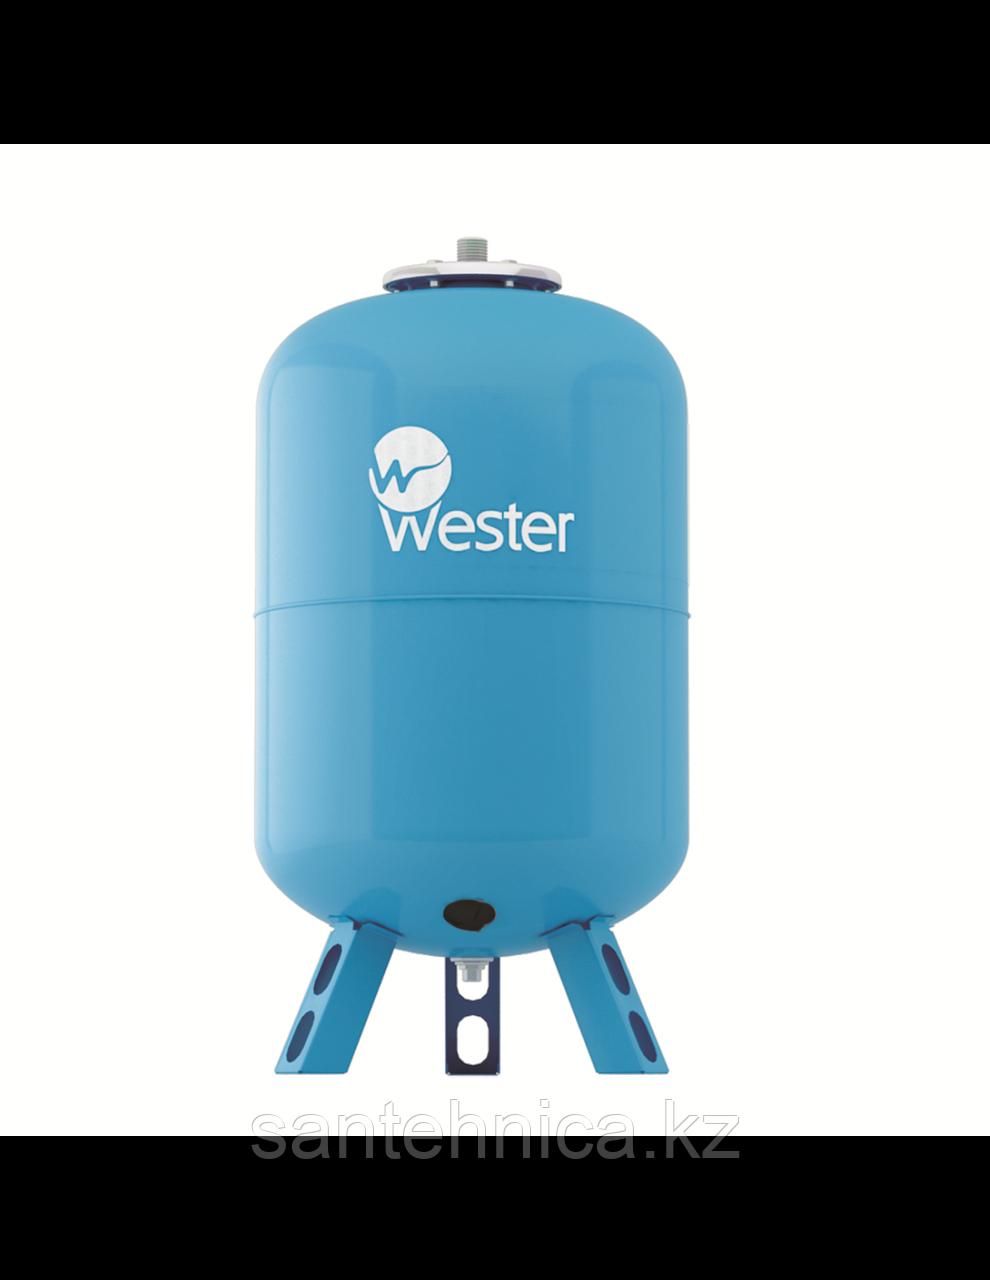 Гидроаккумулятор Wester 300 л. вертикальный